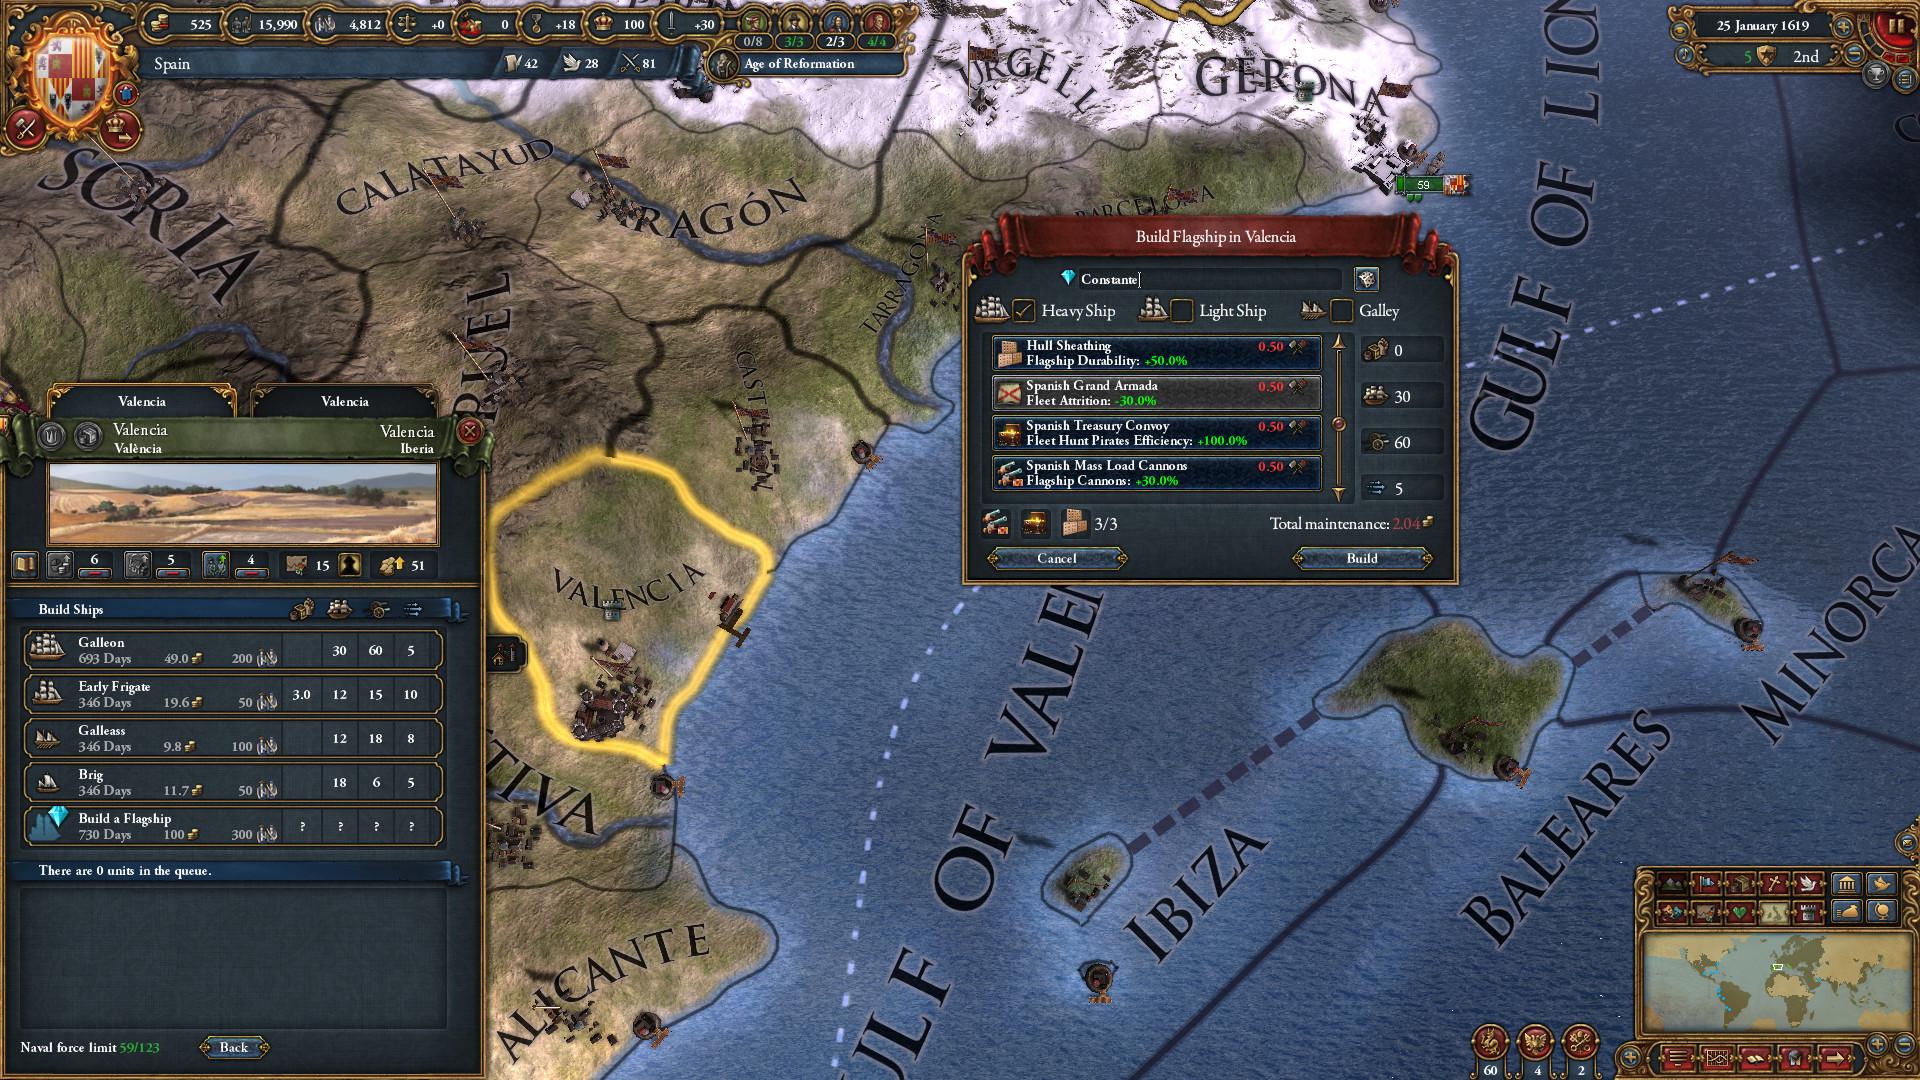 《欧陆风云4》新DLC黄金世纪公布 在美洲殖民掠夺黄金